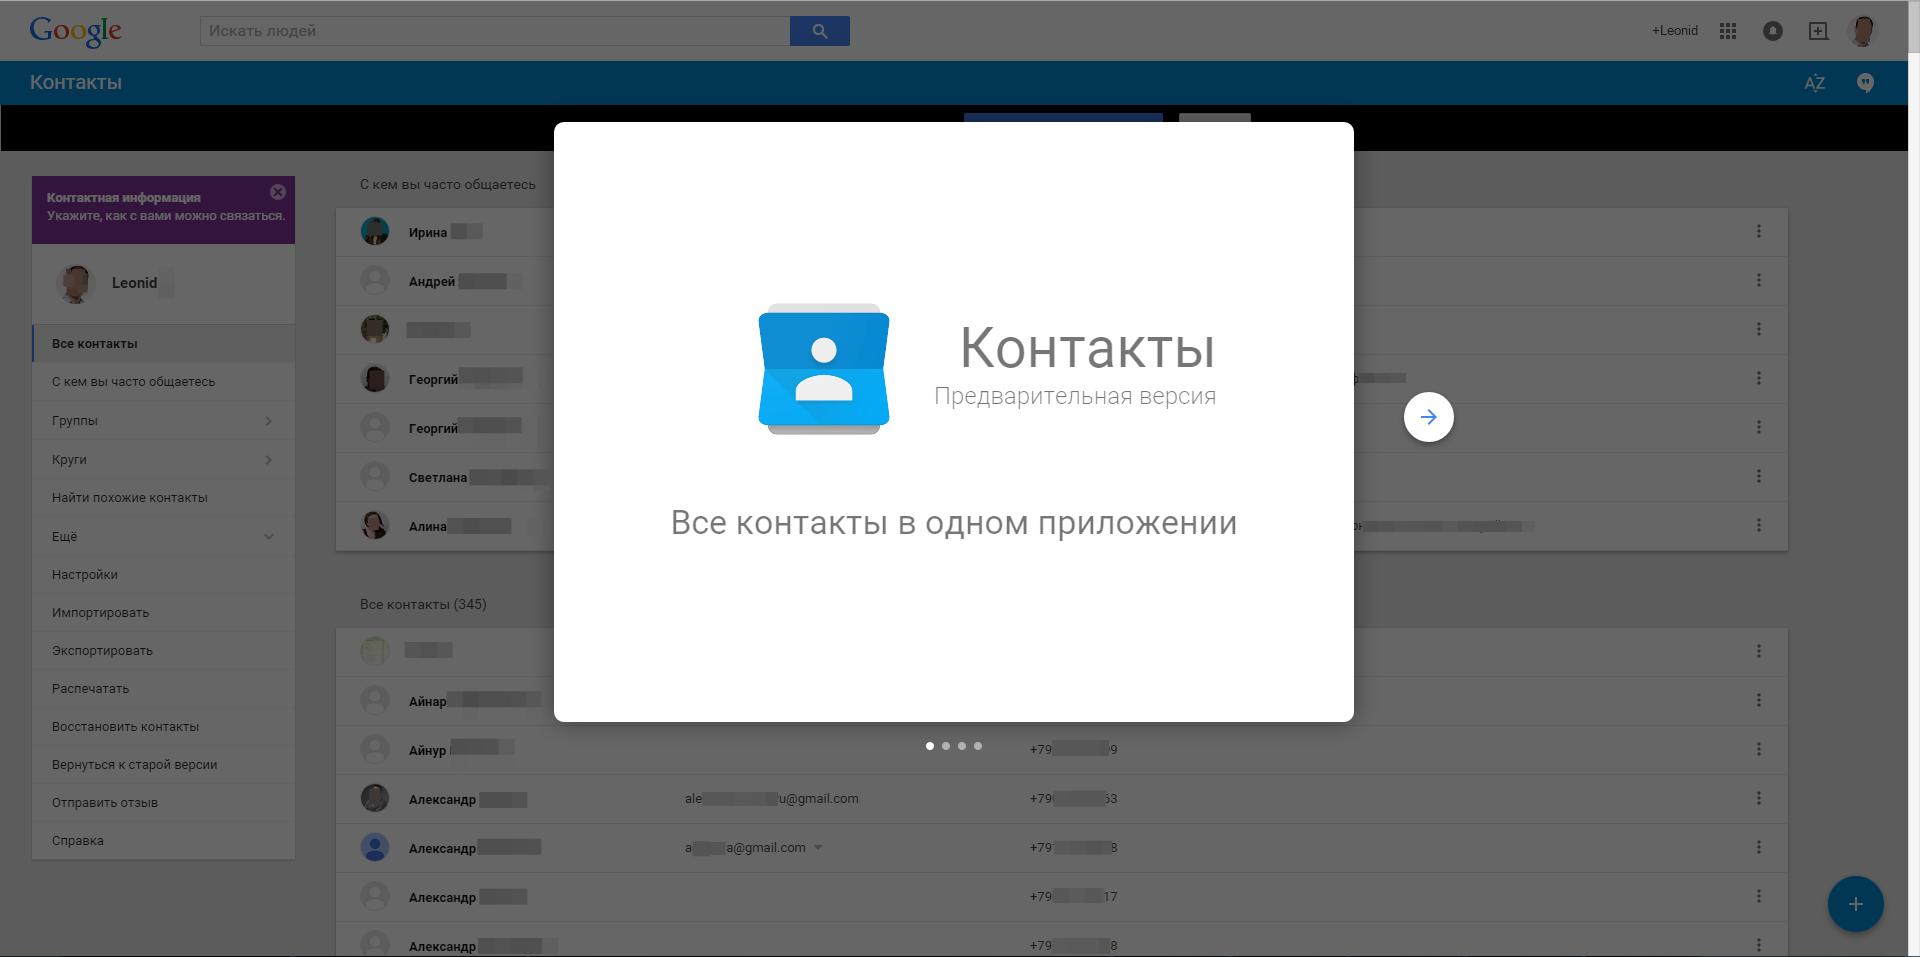 Гугл обновил приложение Контакты в интерфейсе GMail - 1